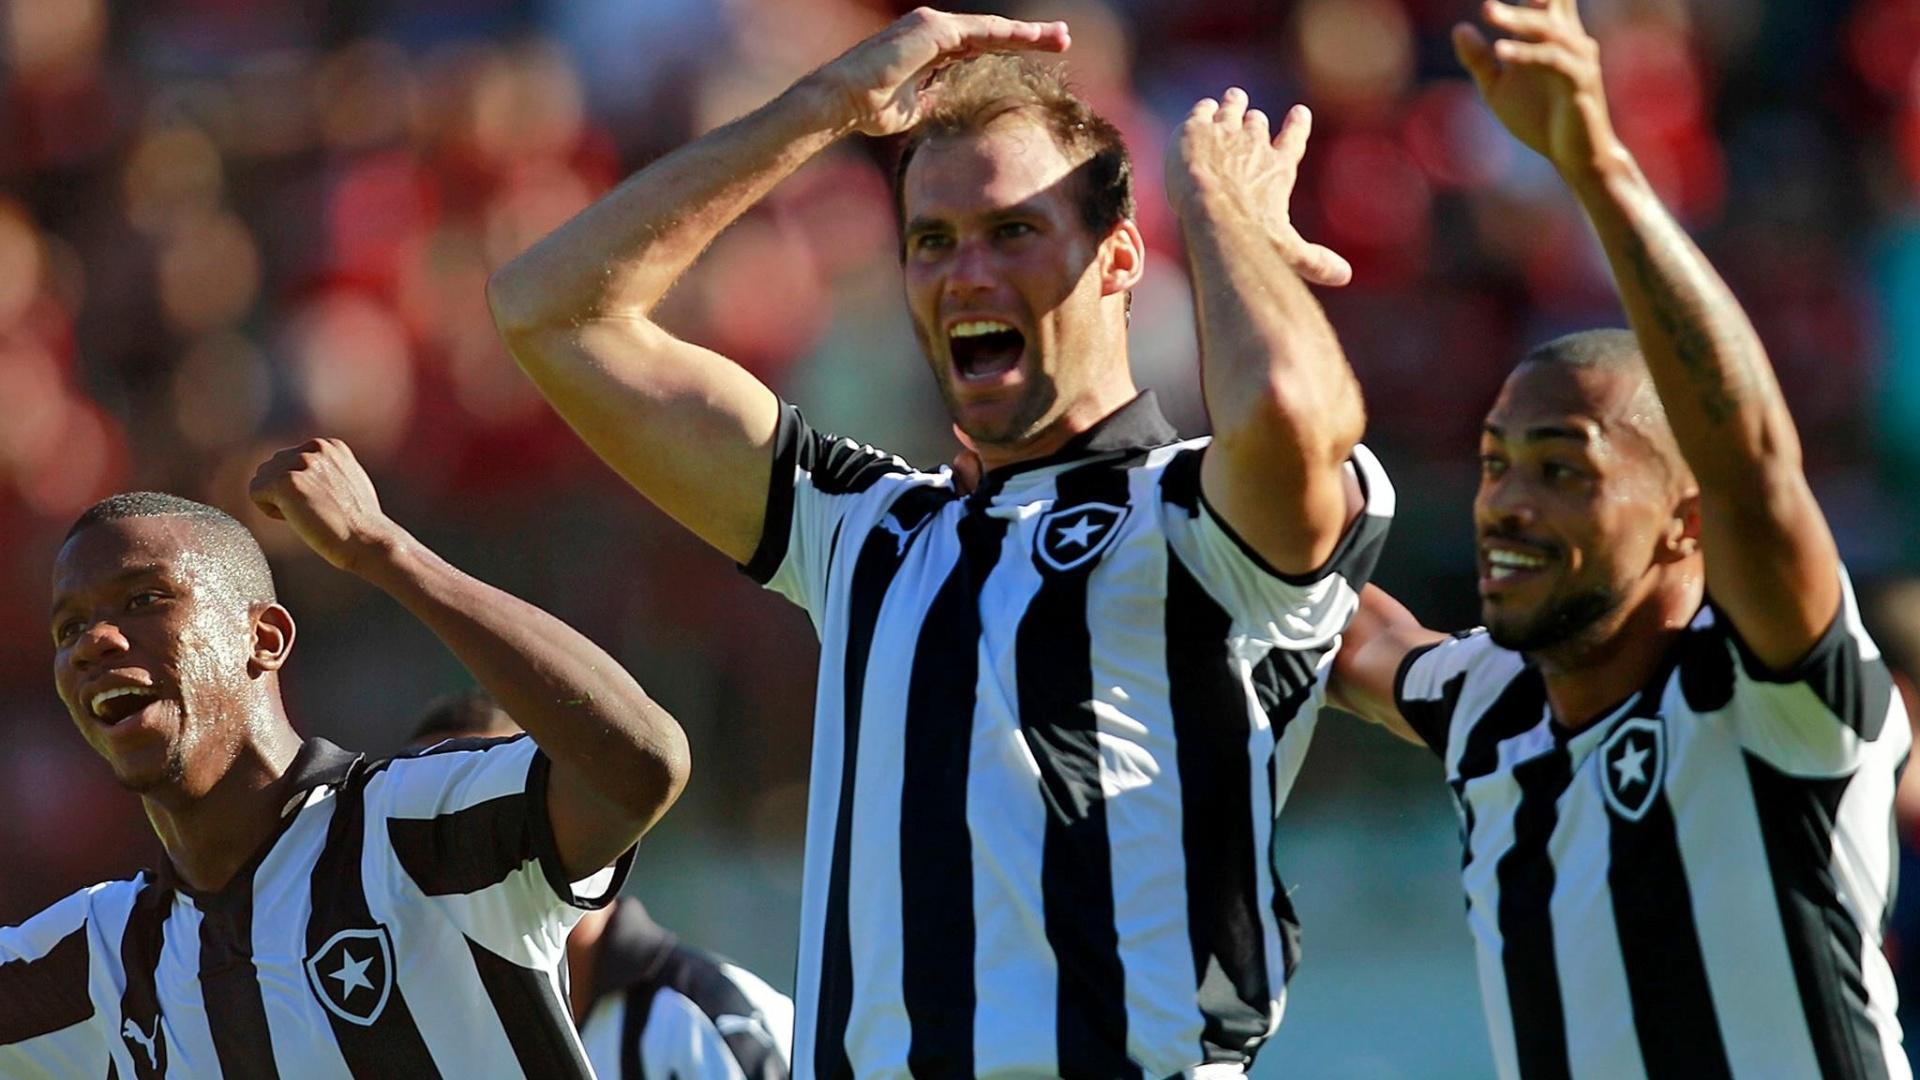 Joel Carli marca gol para o Botafogo no clássico contra o Flamengo